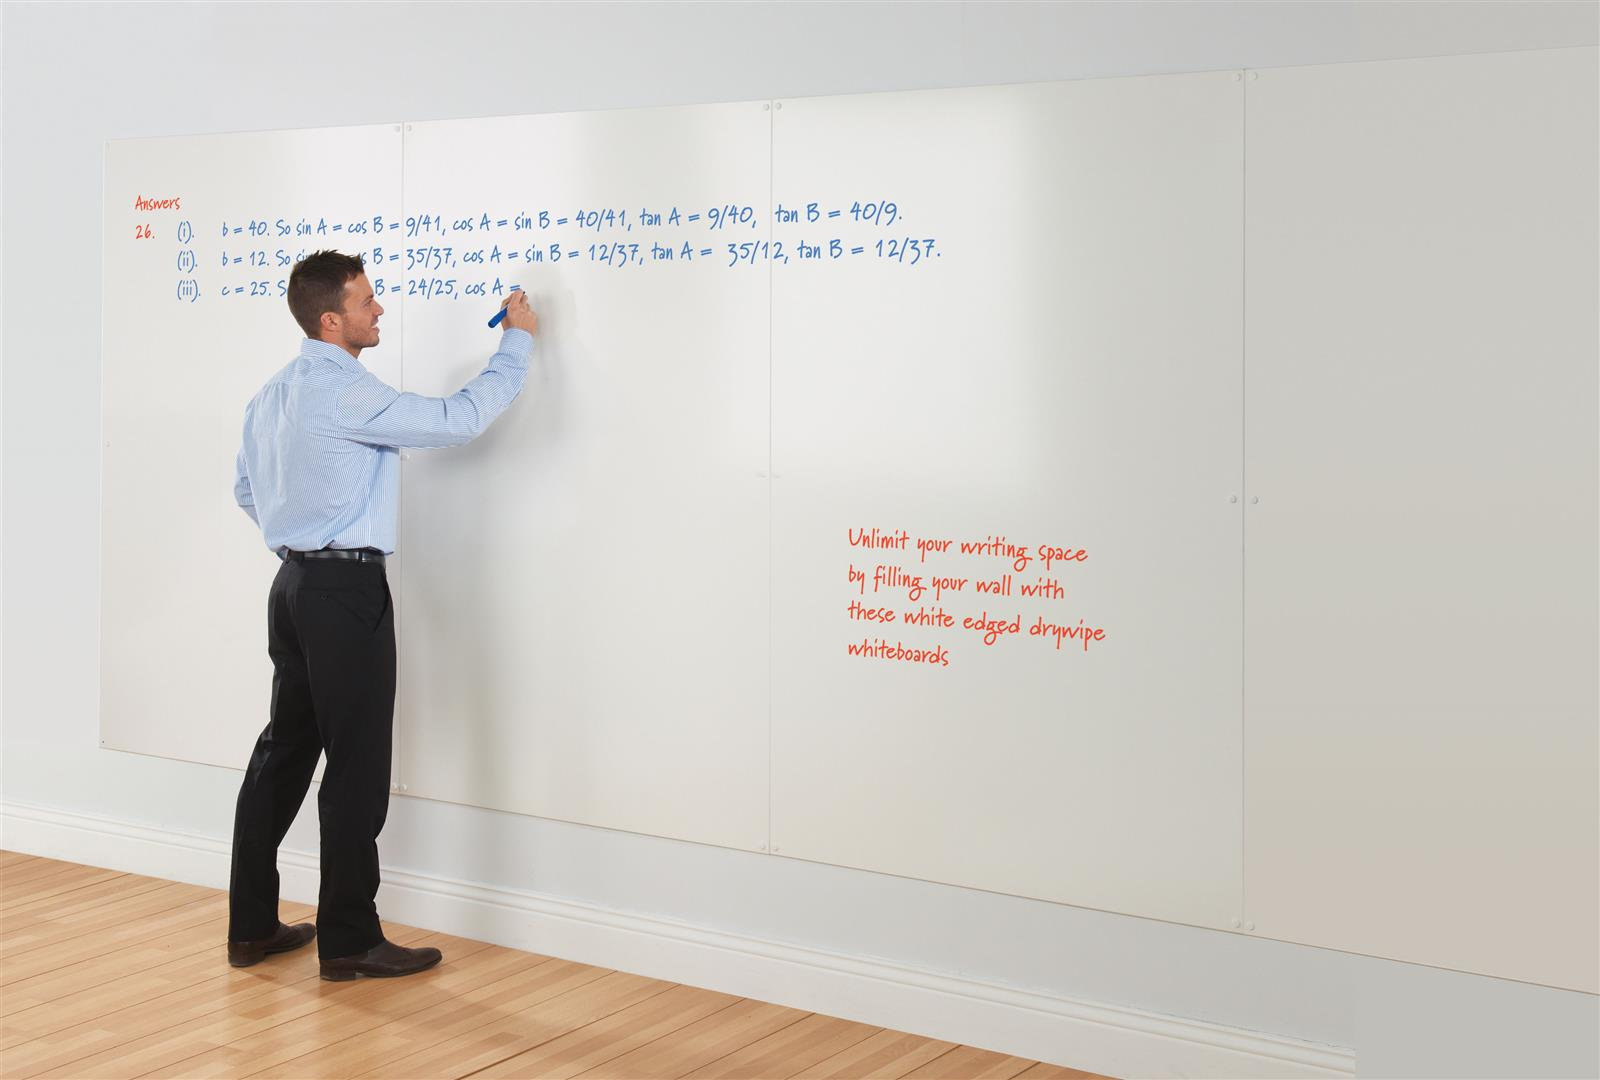 WriteOn Whiteboard Wall